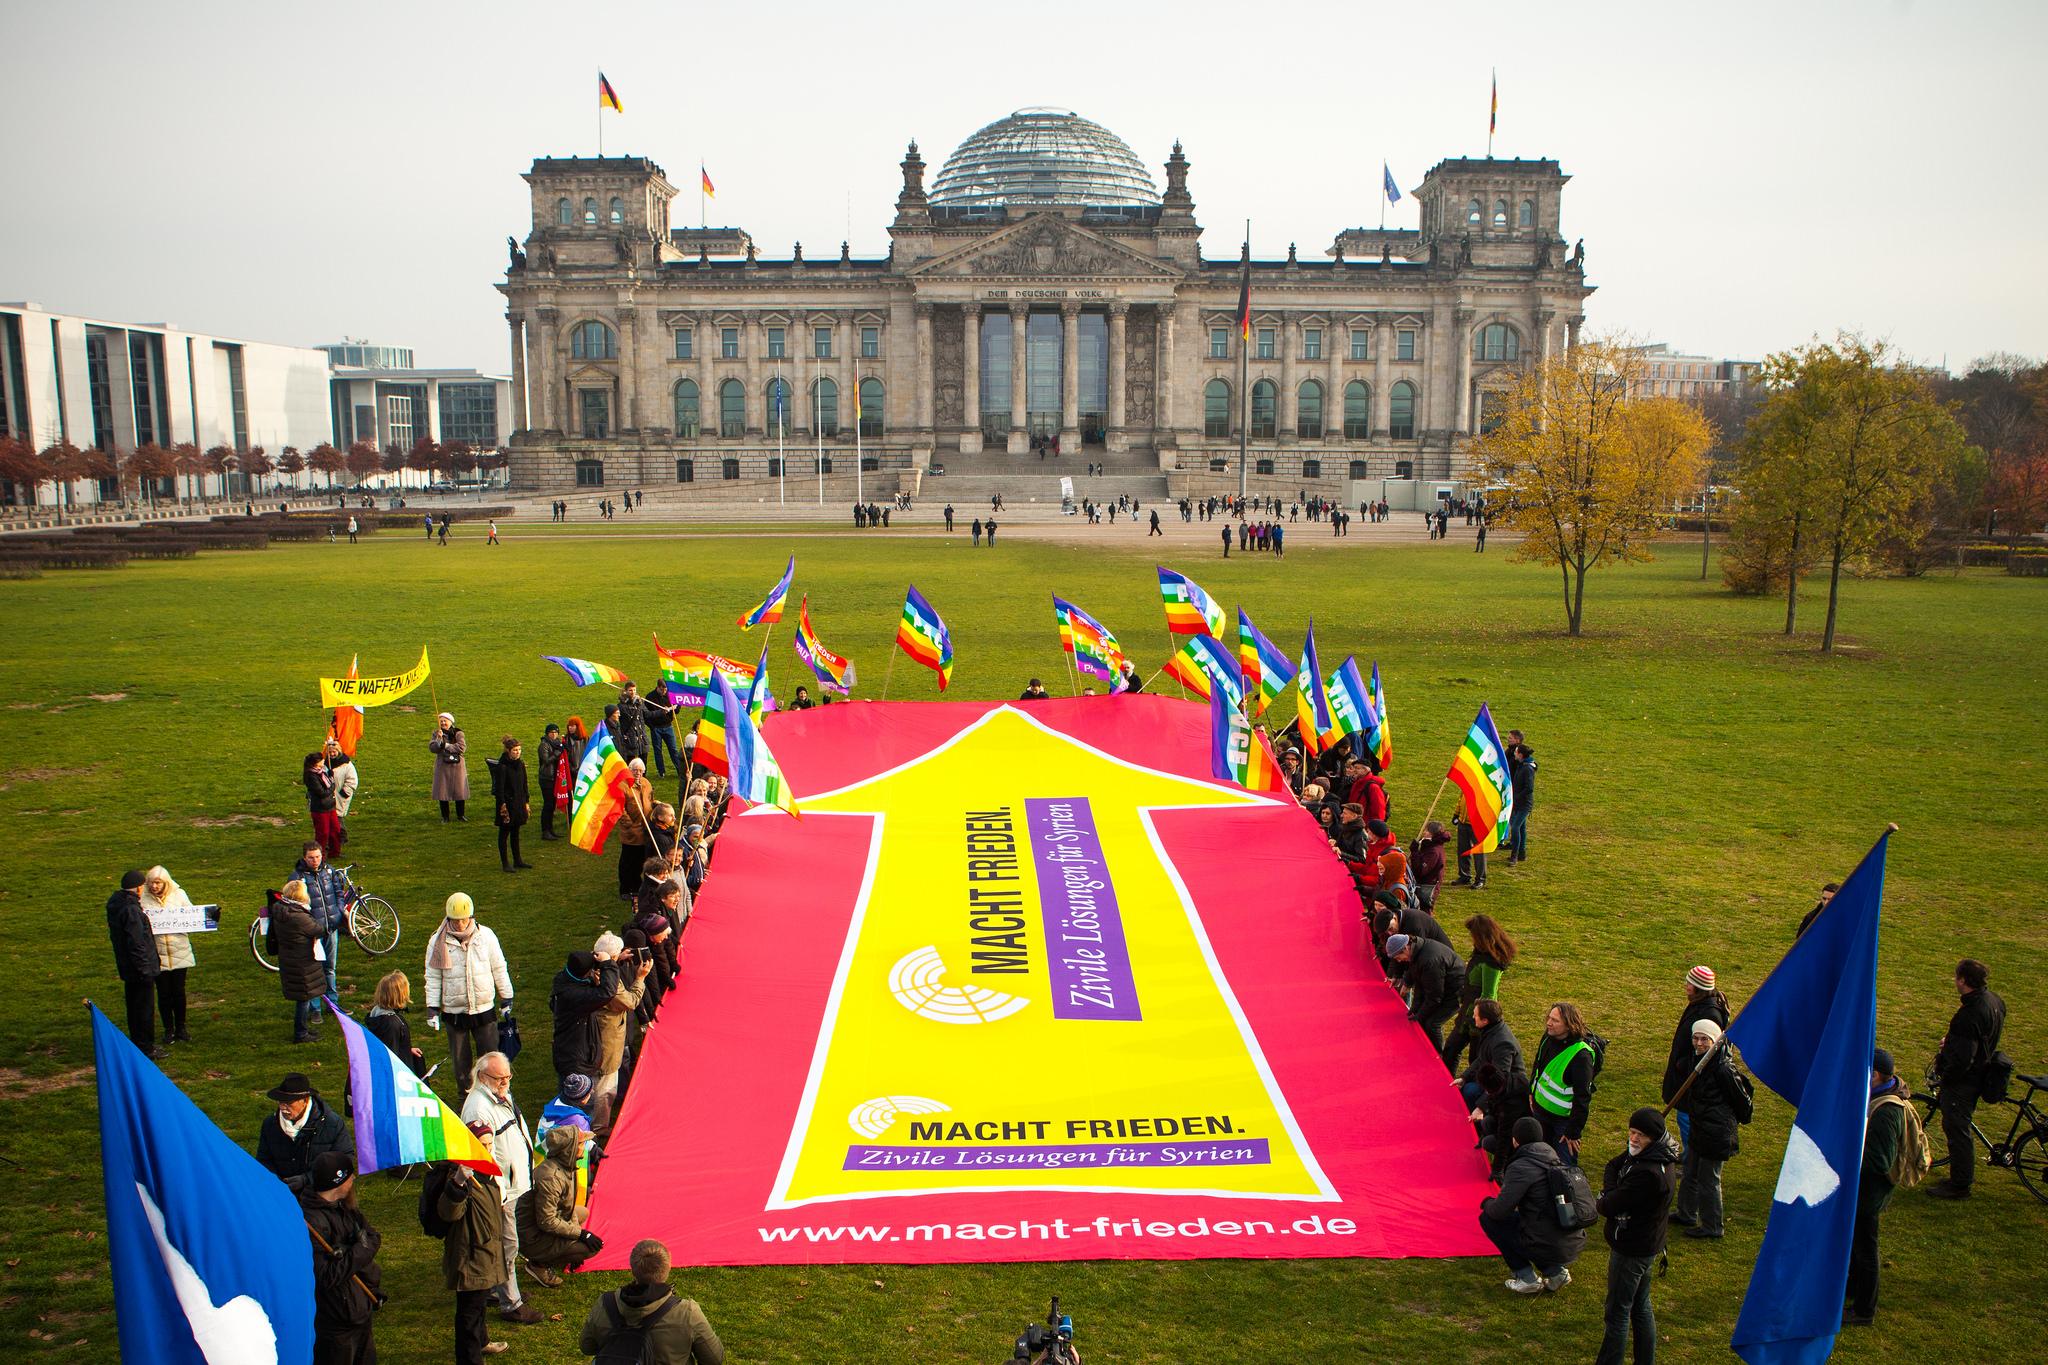 """Zu sehen ist ein riesiges Banner, das von zahlreichen Leuten mit Friedensflaggen gehalten wird und einen gelben Pfeil auf pinkem Grund zeigt, aus der Vogelperspektive. Im Hintergrund das Reichstagsgebäude. Der Pfeil ist auf das Gebäude gerichtet. Darauf steht: """"Macht Frieden. Zivile Lösungen für Syrien""""."""